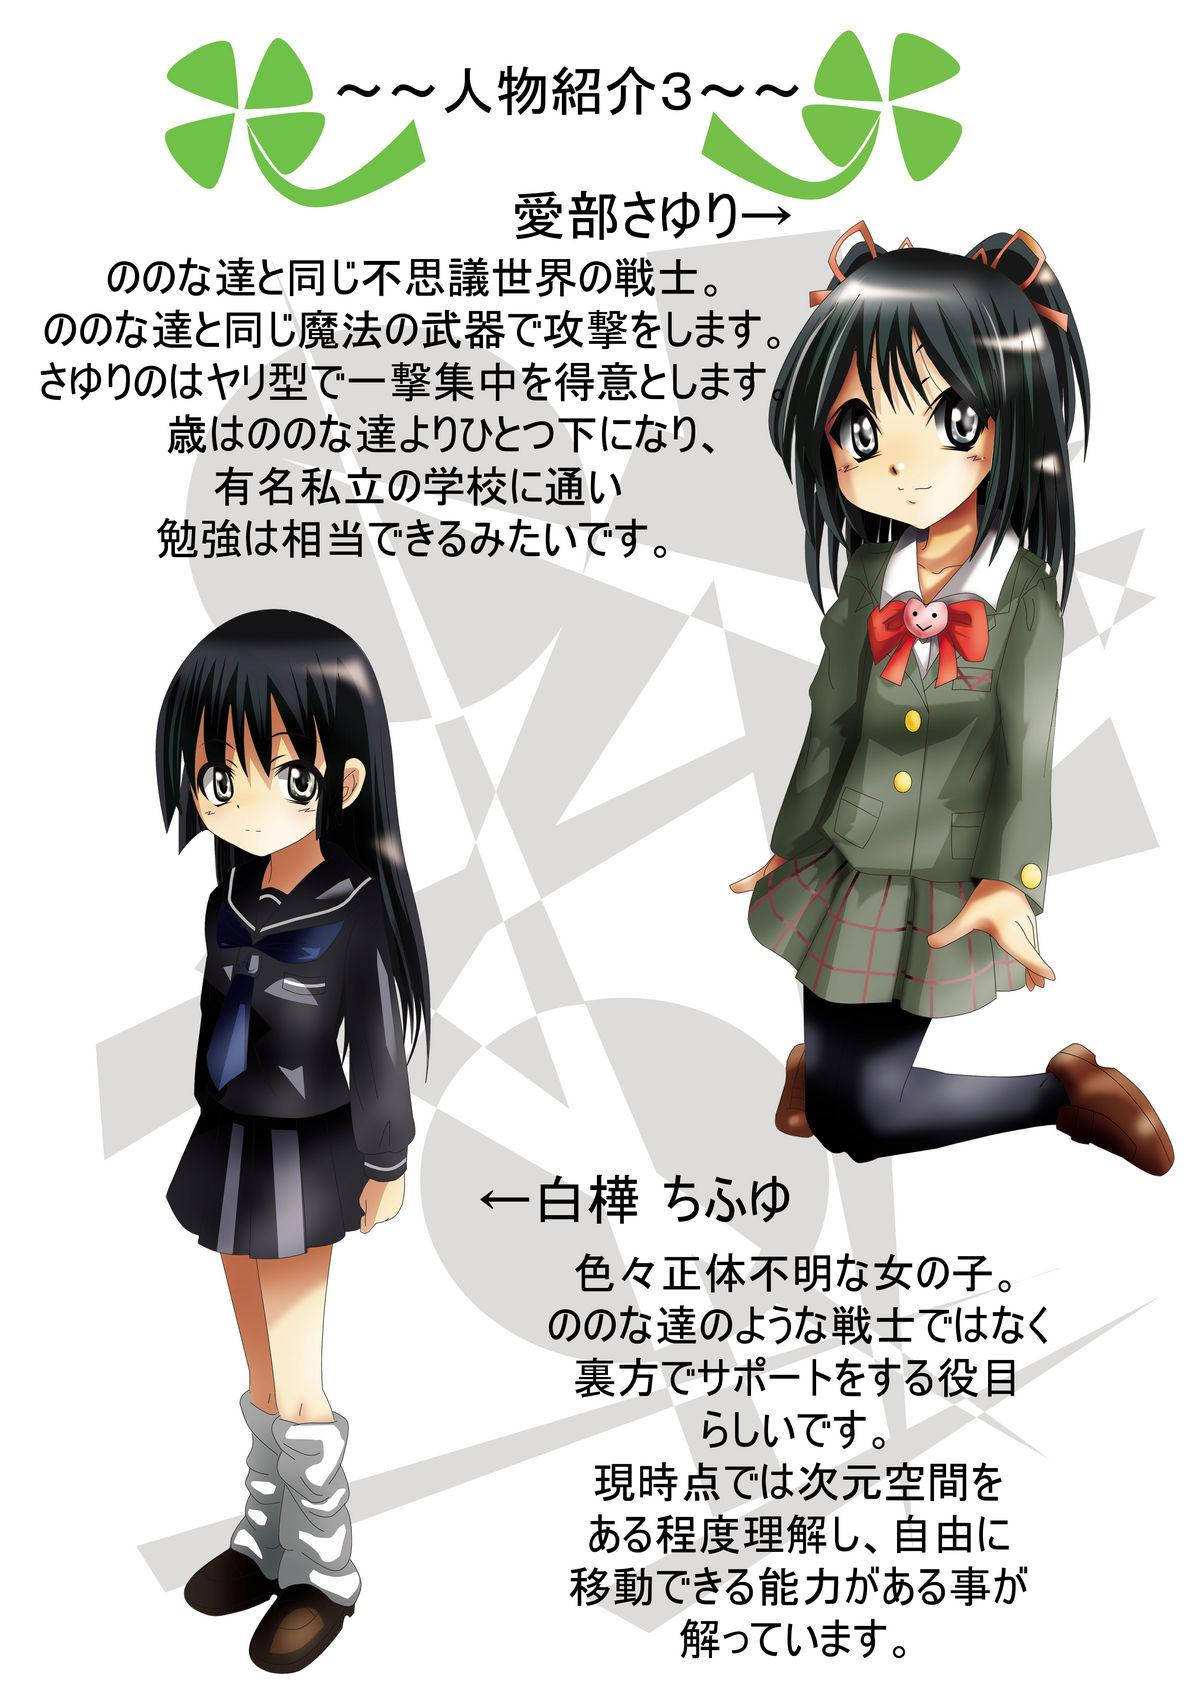 [Dende] Fushigi Sekai -Mystery World- Nonoha 5 ~Jokuma no Kyouniku no Tainai Shinshoku~ 9